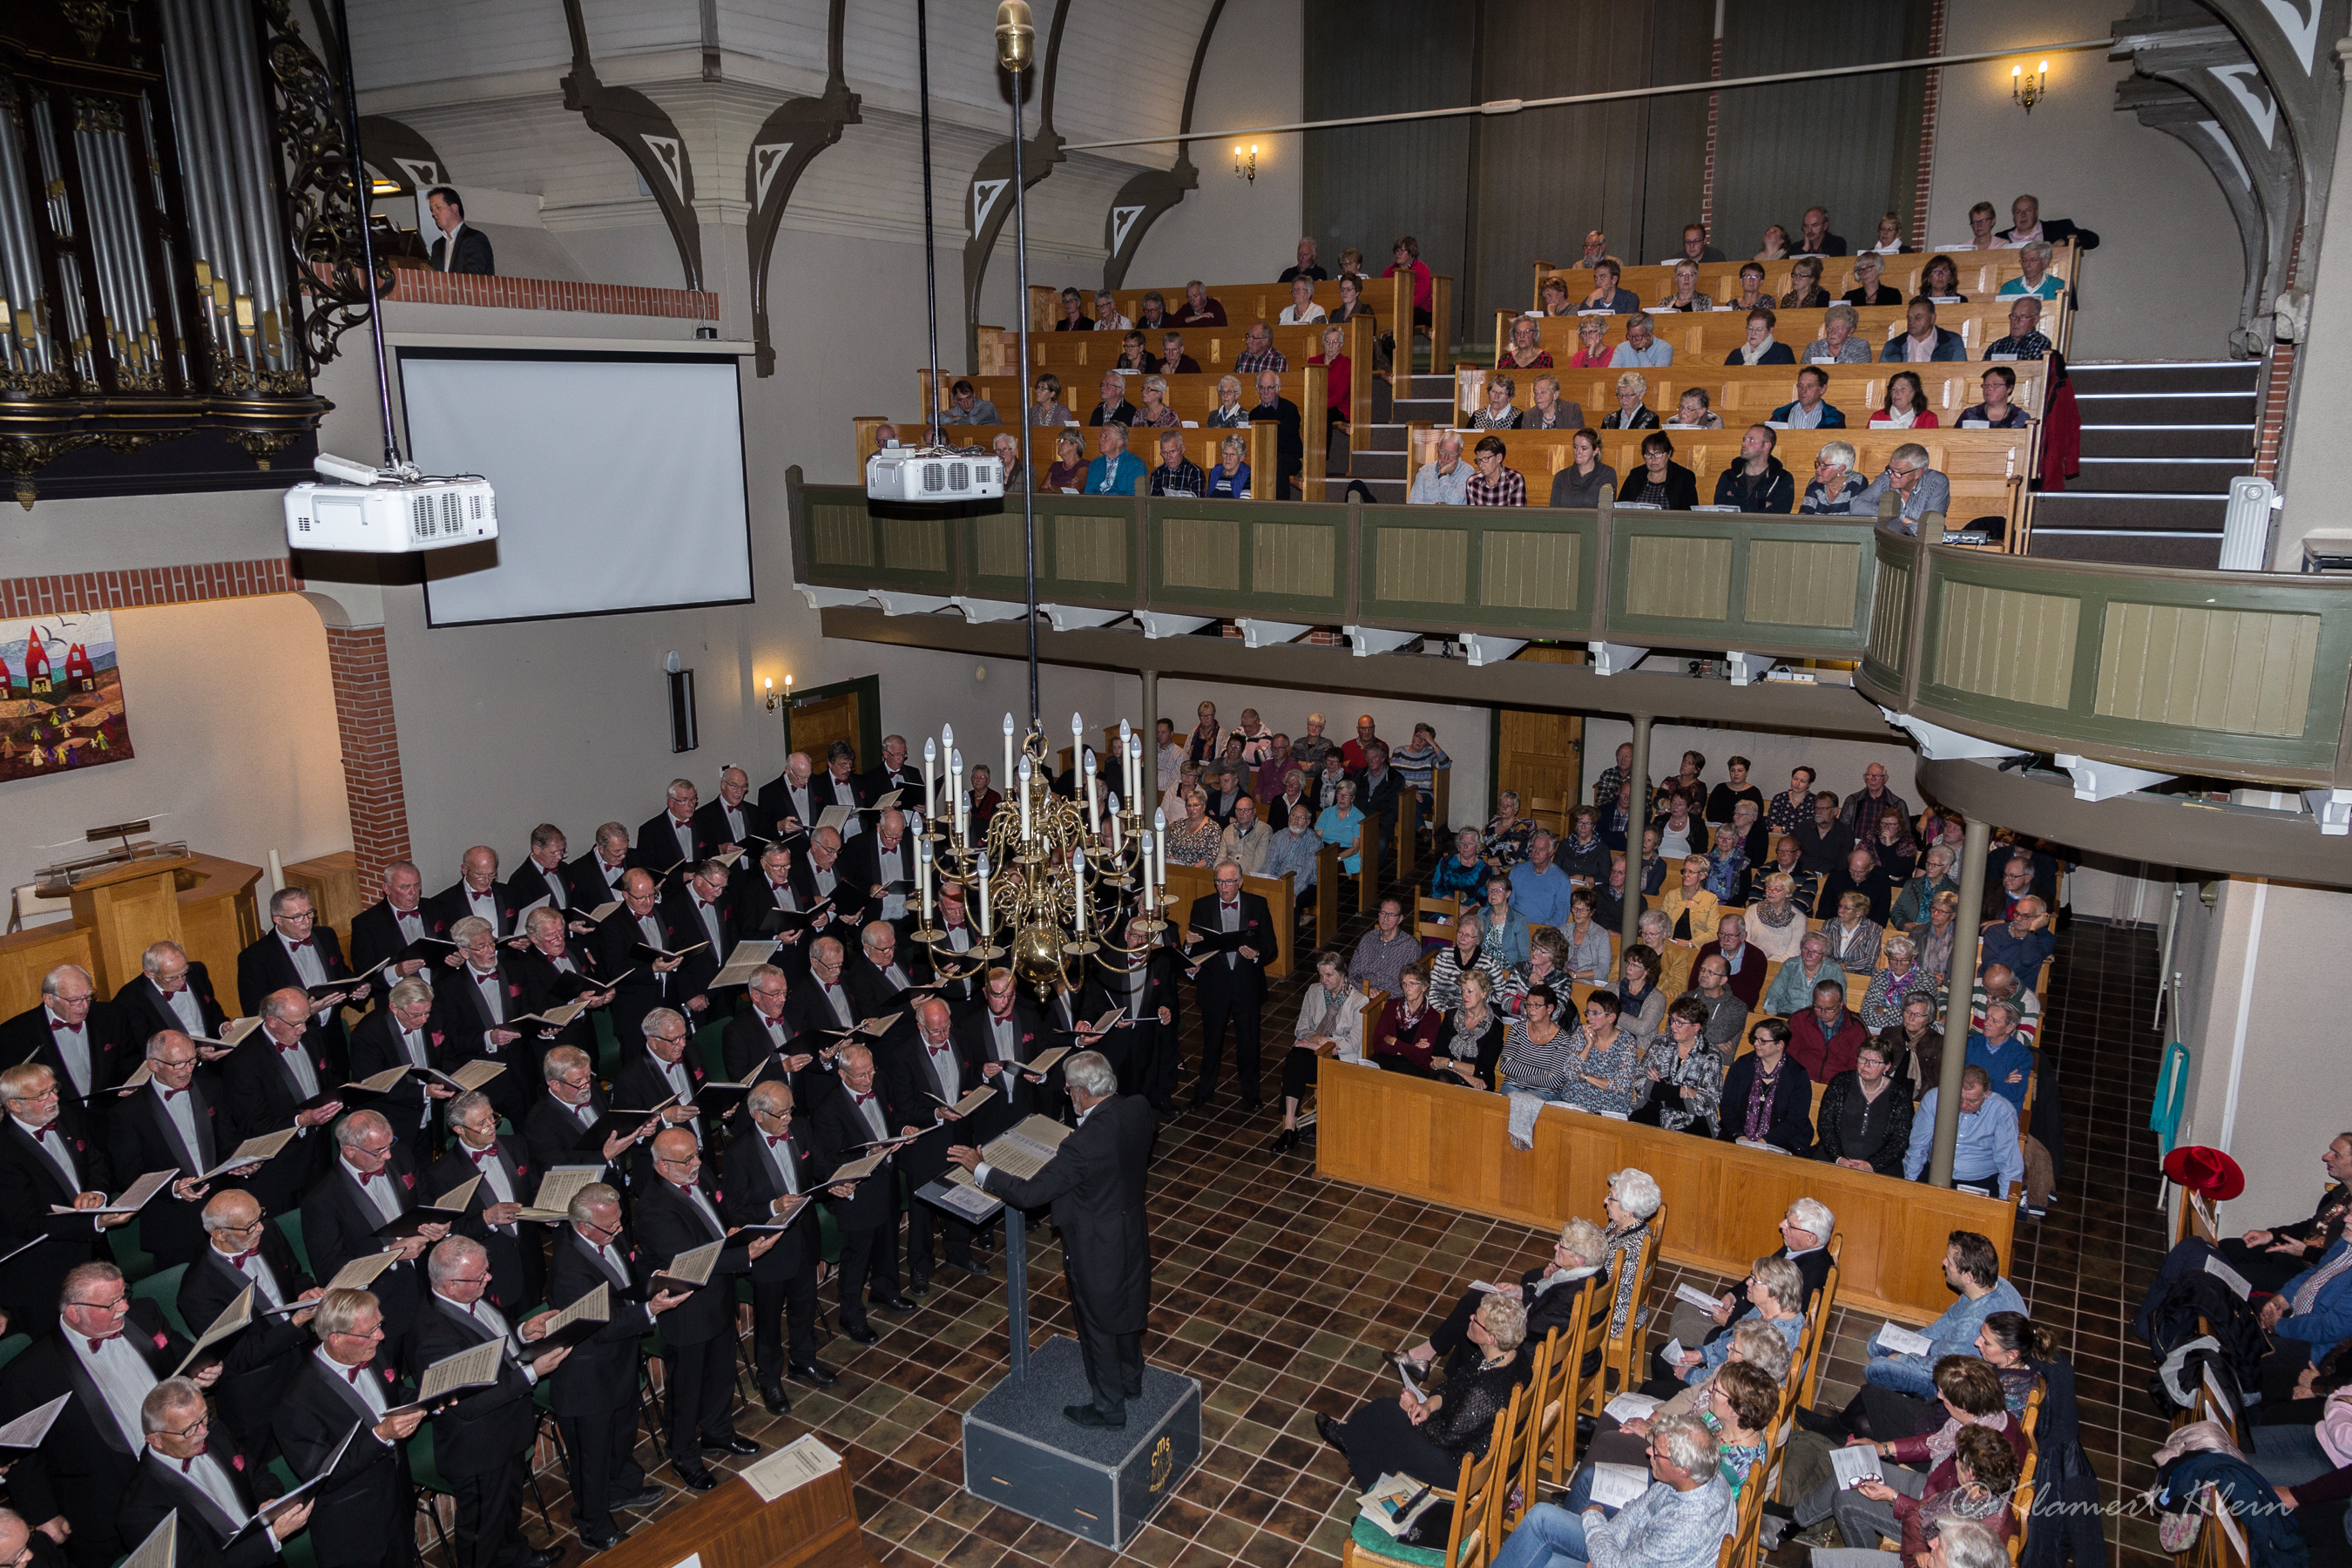 concert cms urker mans formatie 2810 2019-15